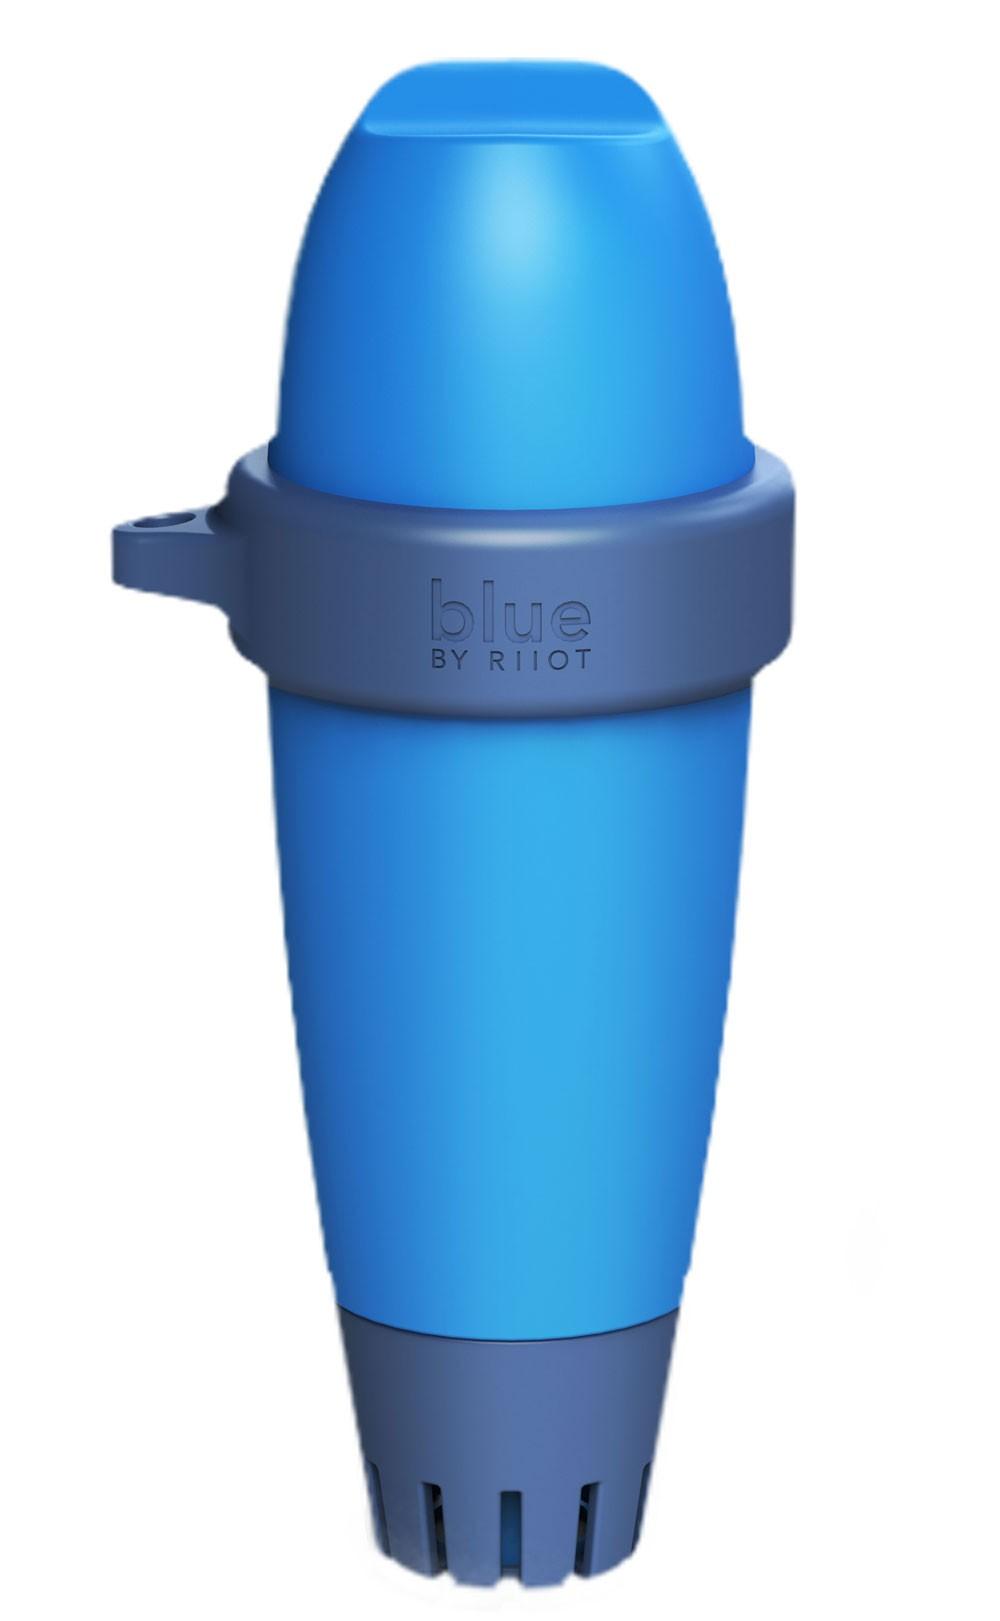 Analizador Inteligentede Agua de piscina